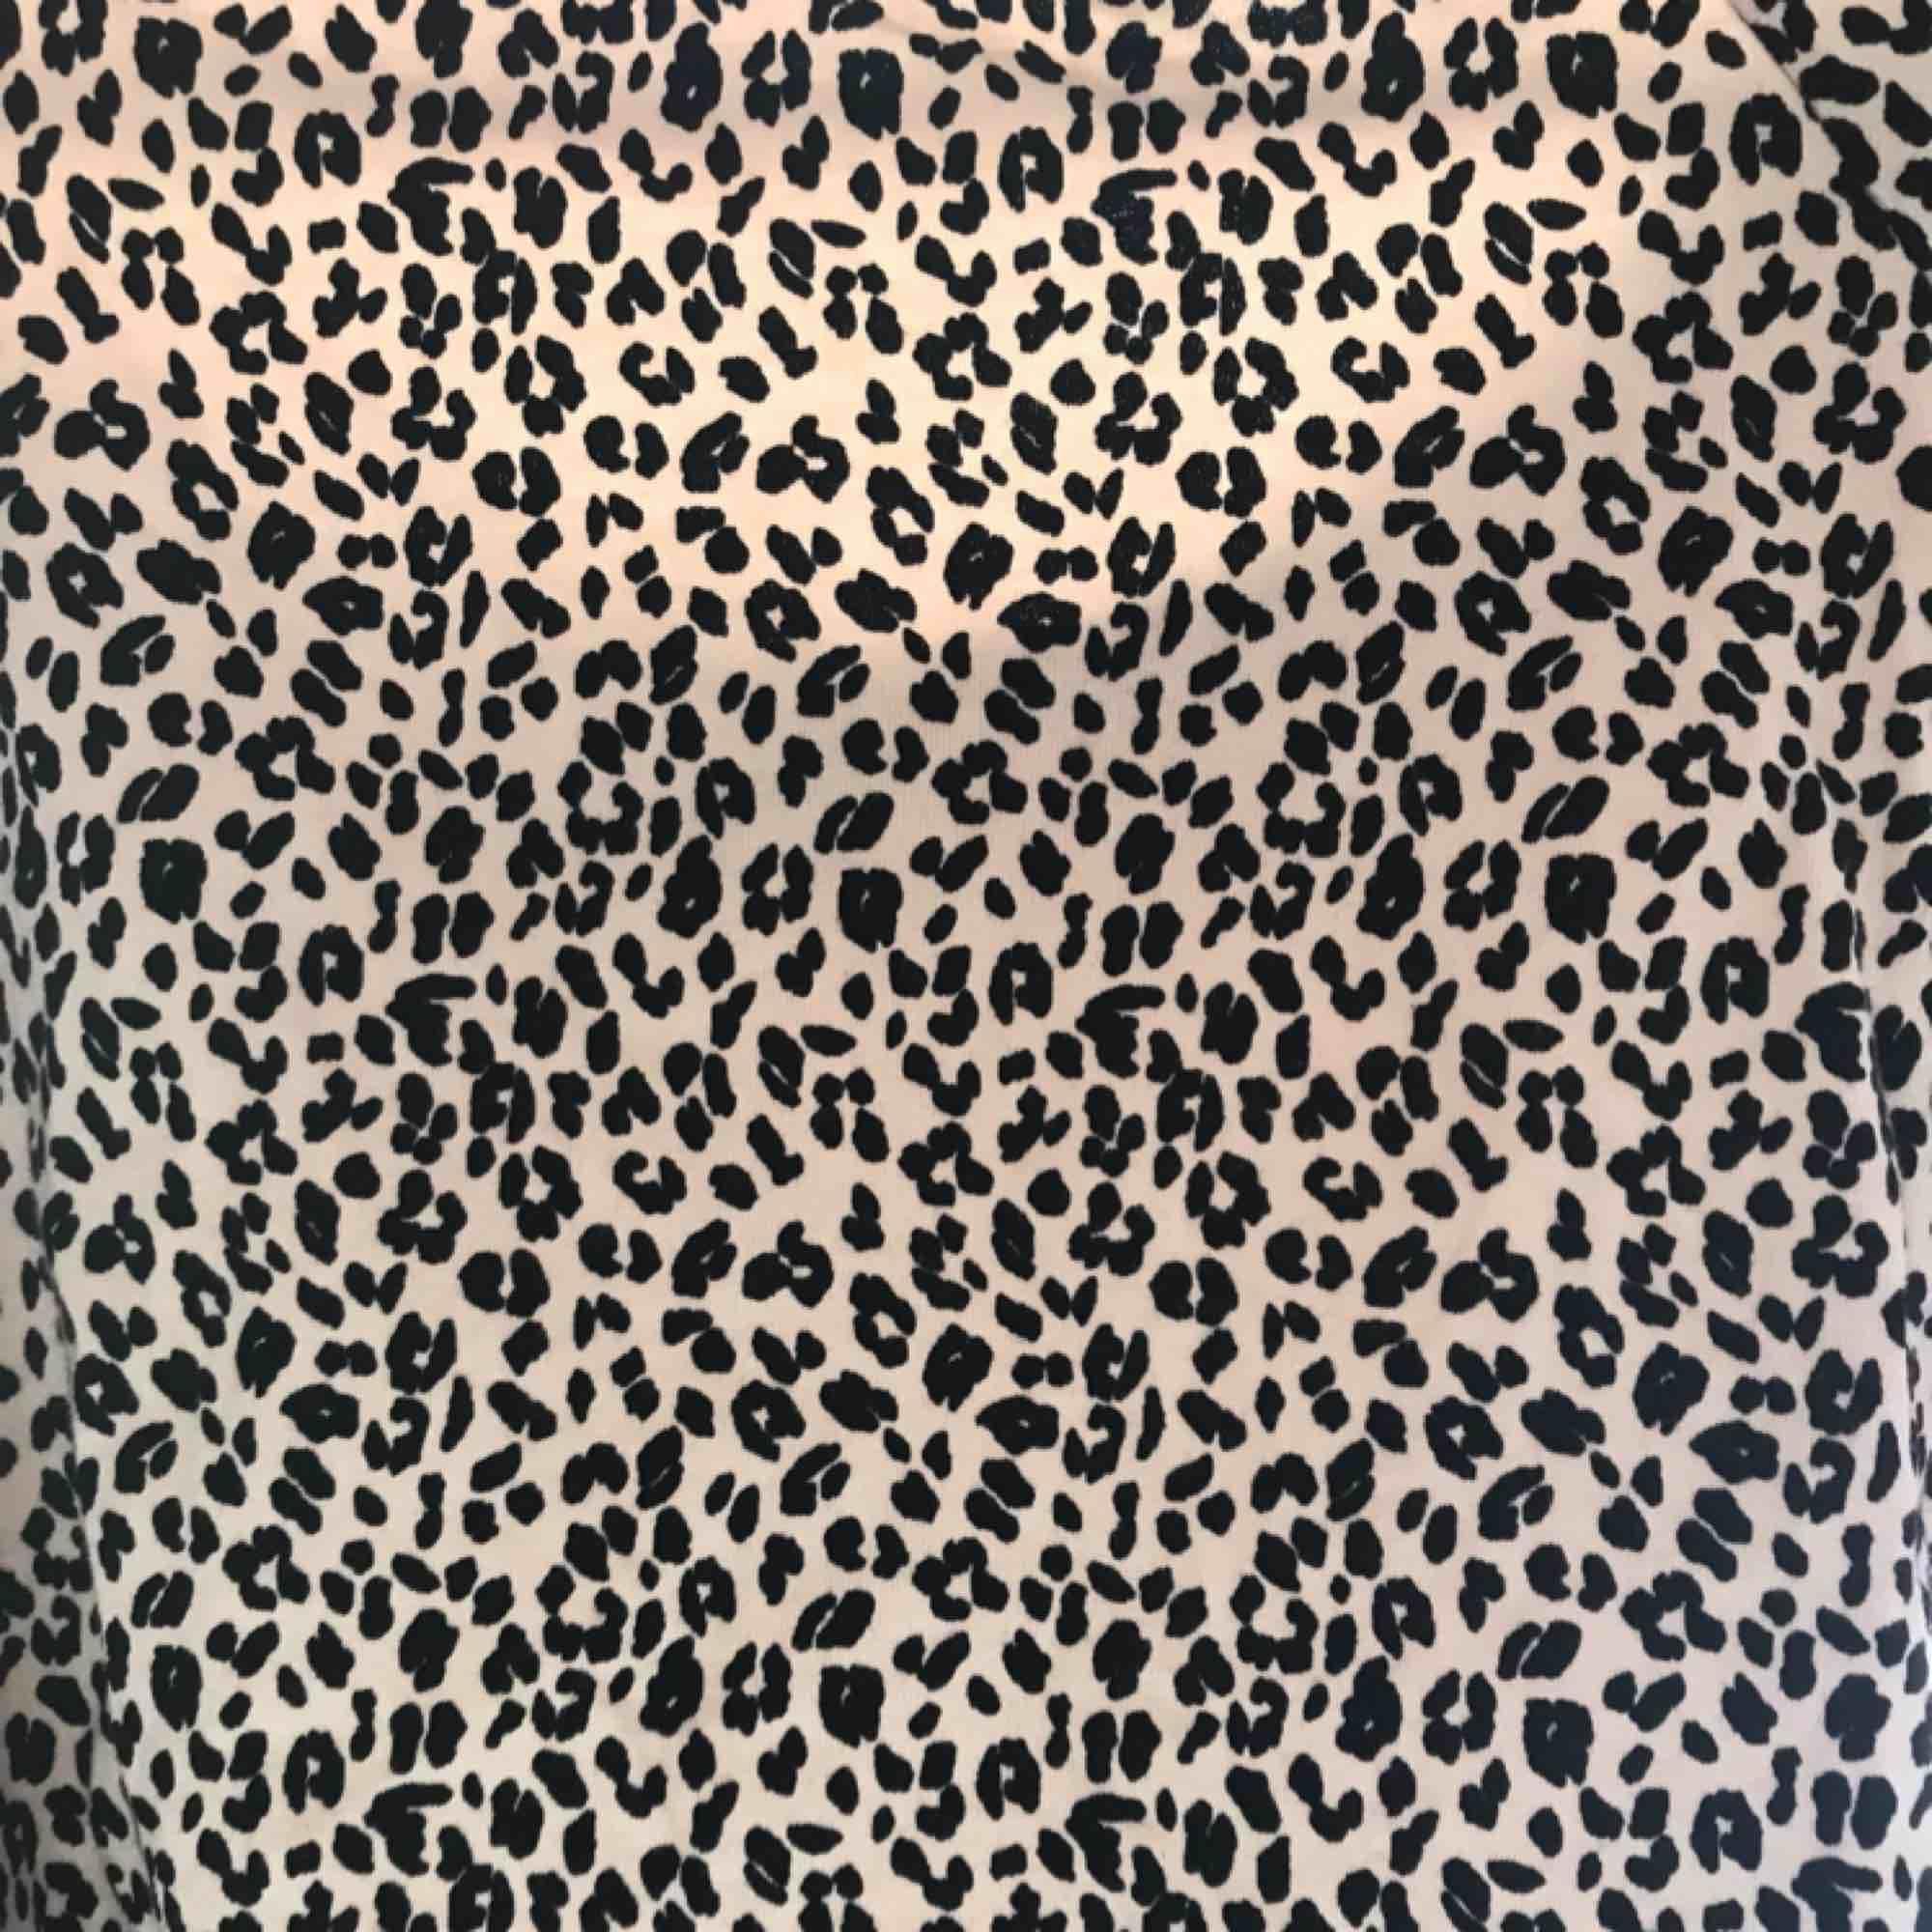 Superfin Leo tröja från Gina 😻✨(OBS DEN E BEIGE) det står strl M, men den är verkligen liten!! Korta armar o i magen, jag skulle säga Small!💞 pris kan diskuteras! Nyskick✨ passar XS till M beroende på hur man vill ha den som!. Tröjor & Koftor.